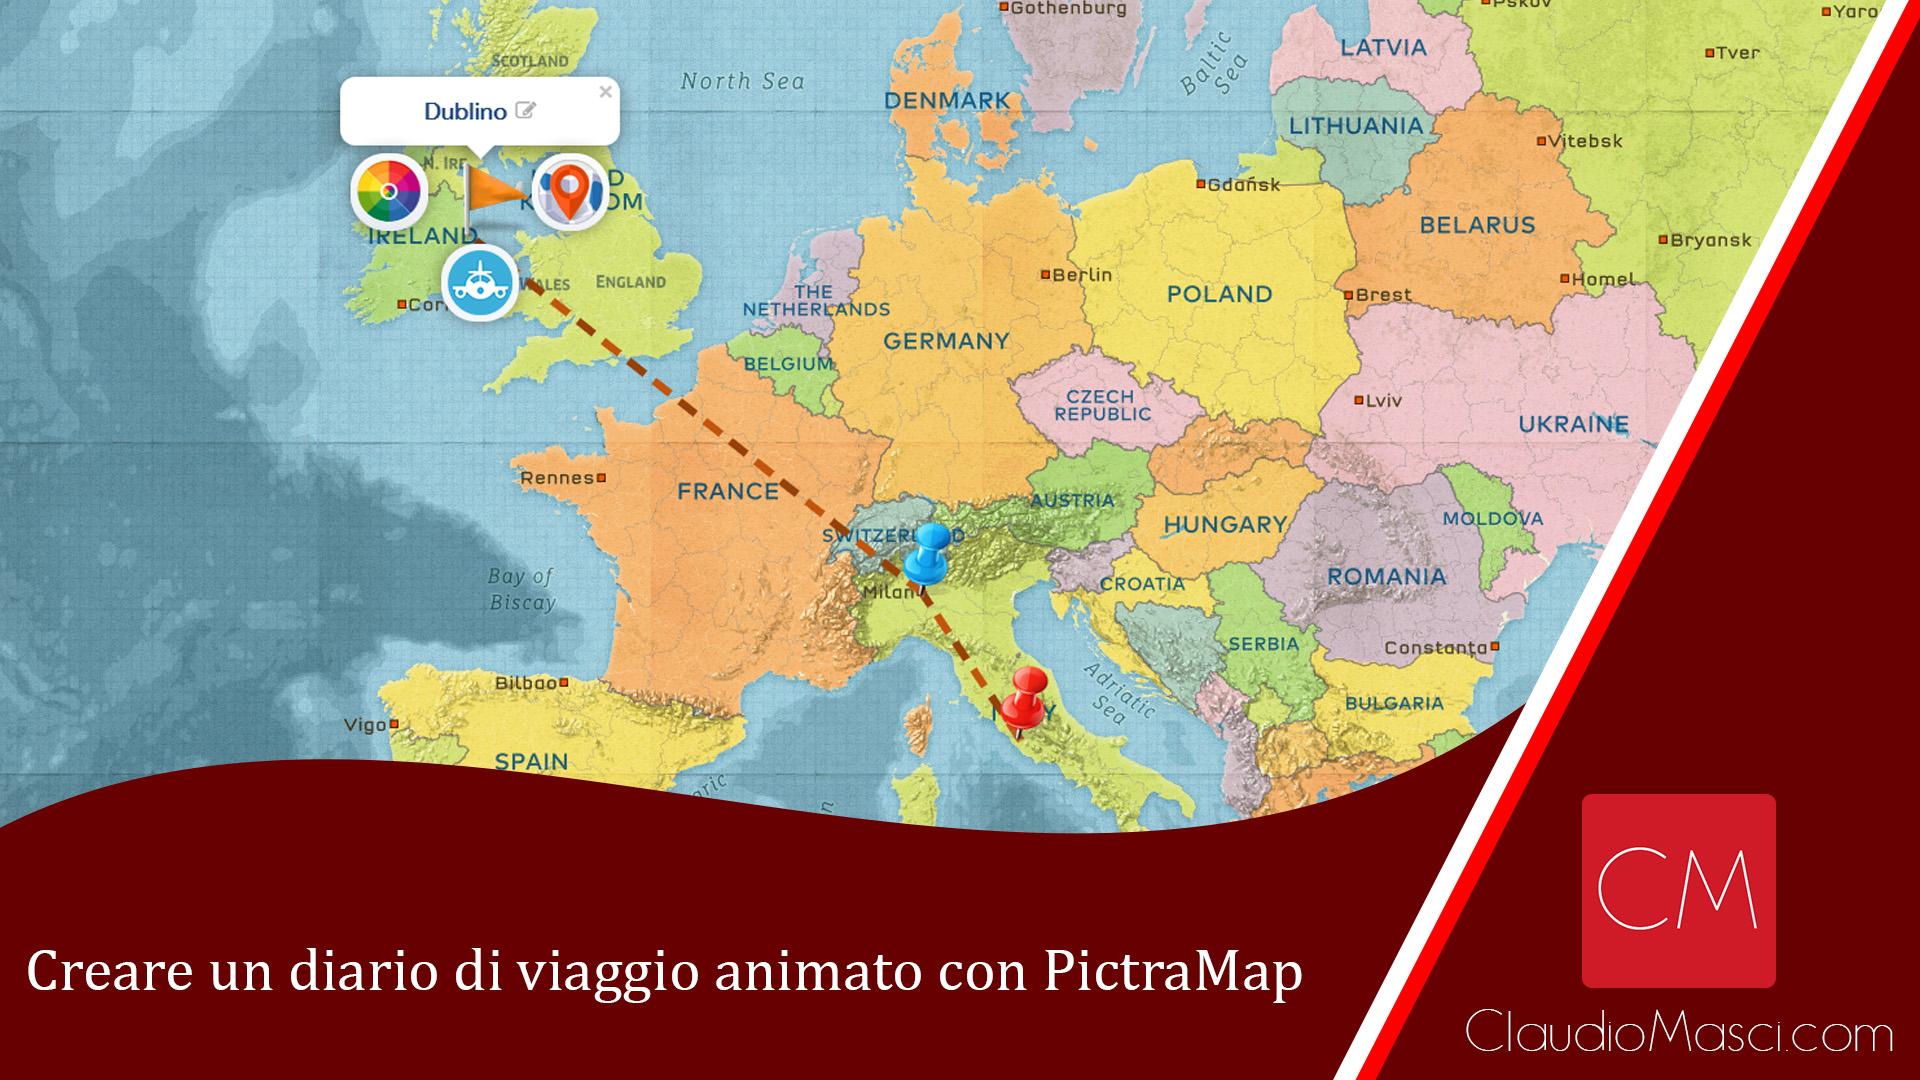 Creare un diario di viaggio animato con PictraMap